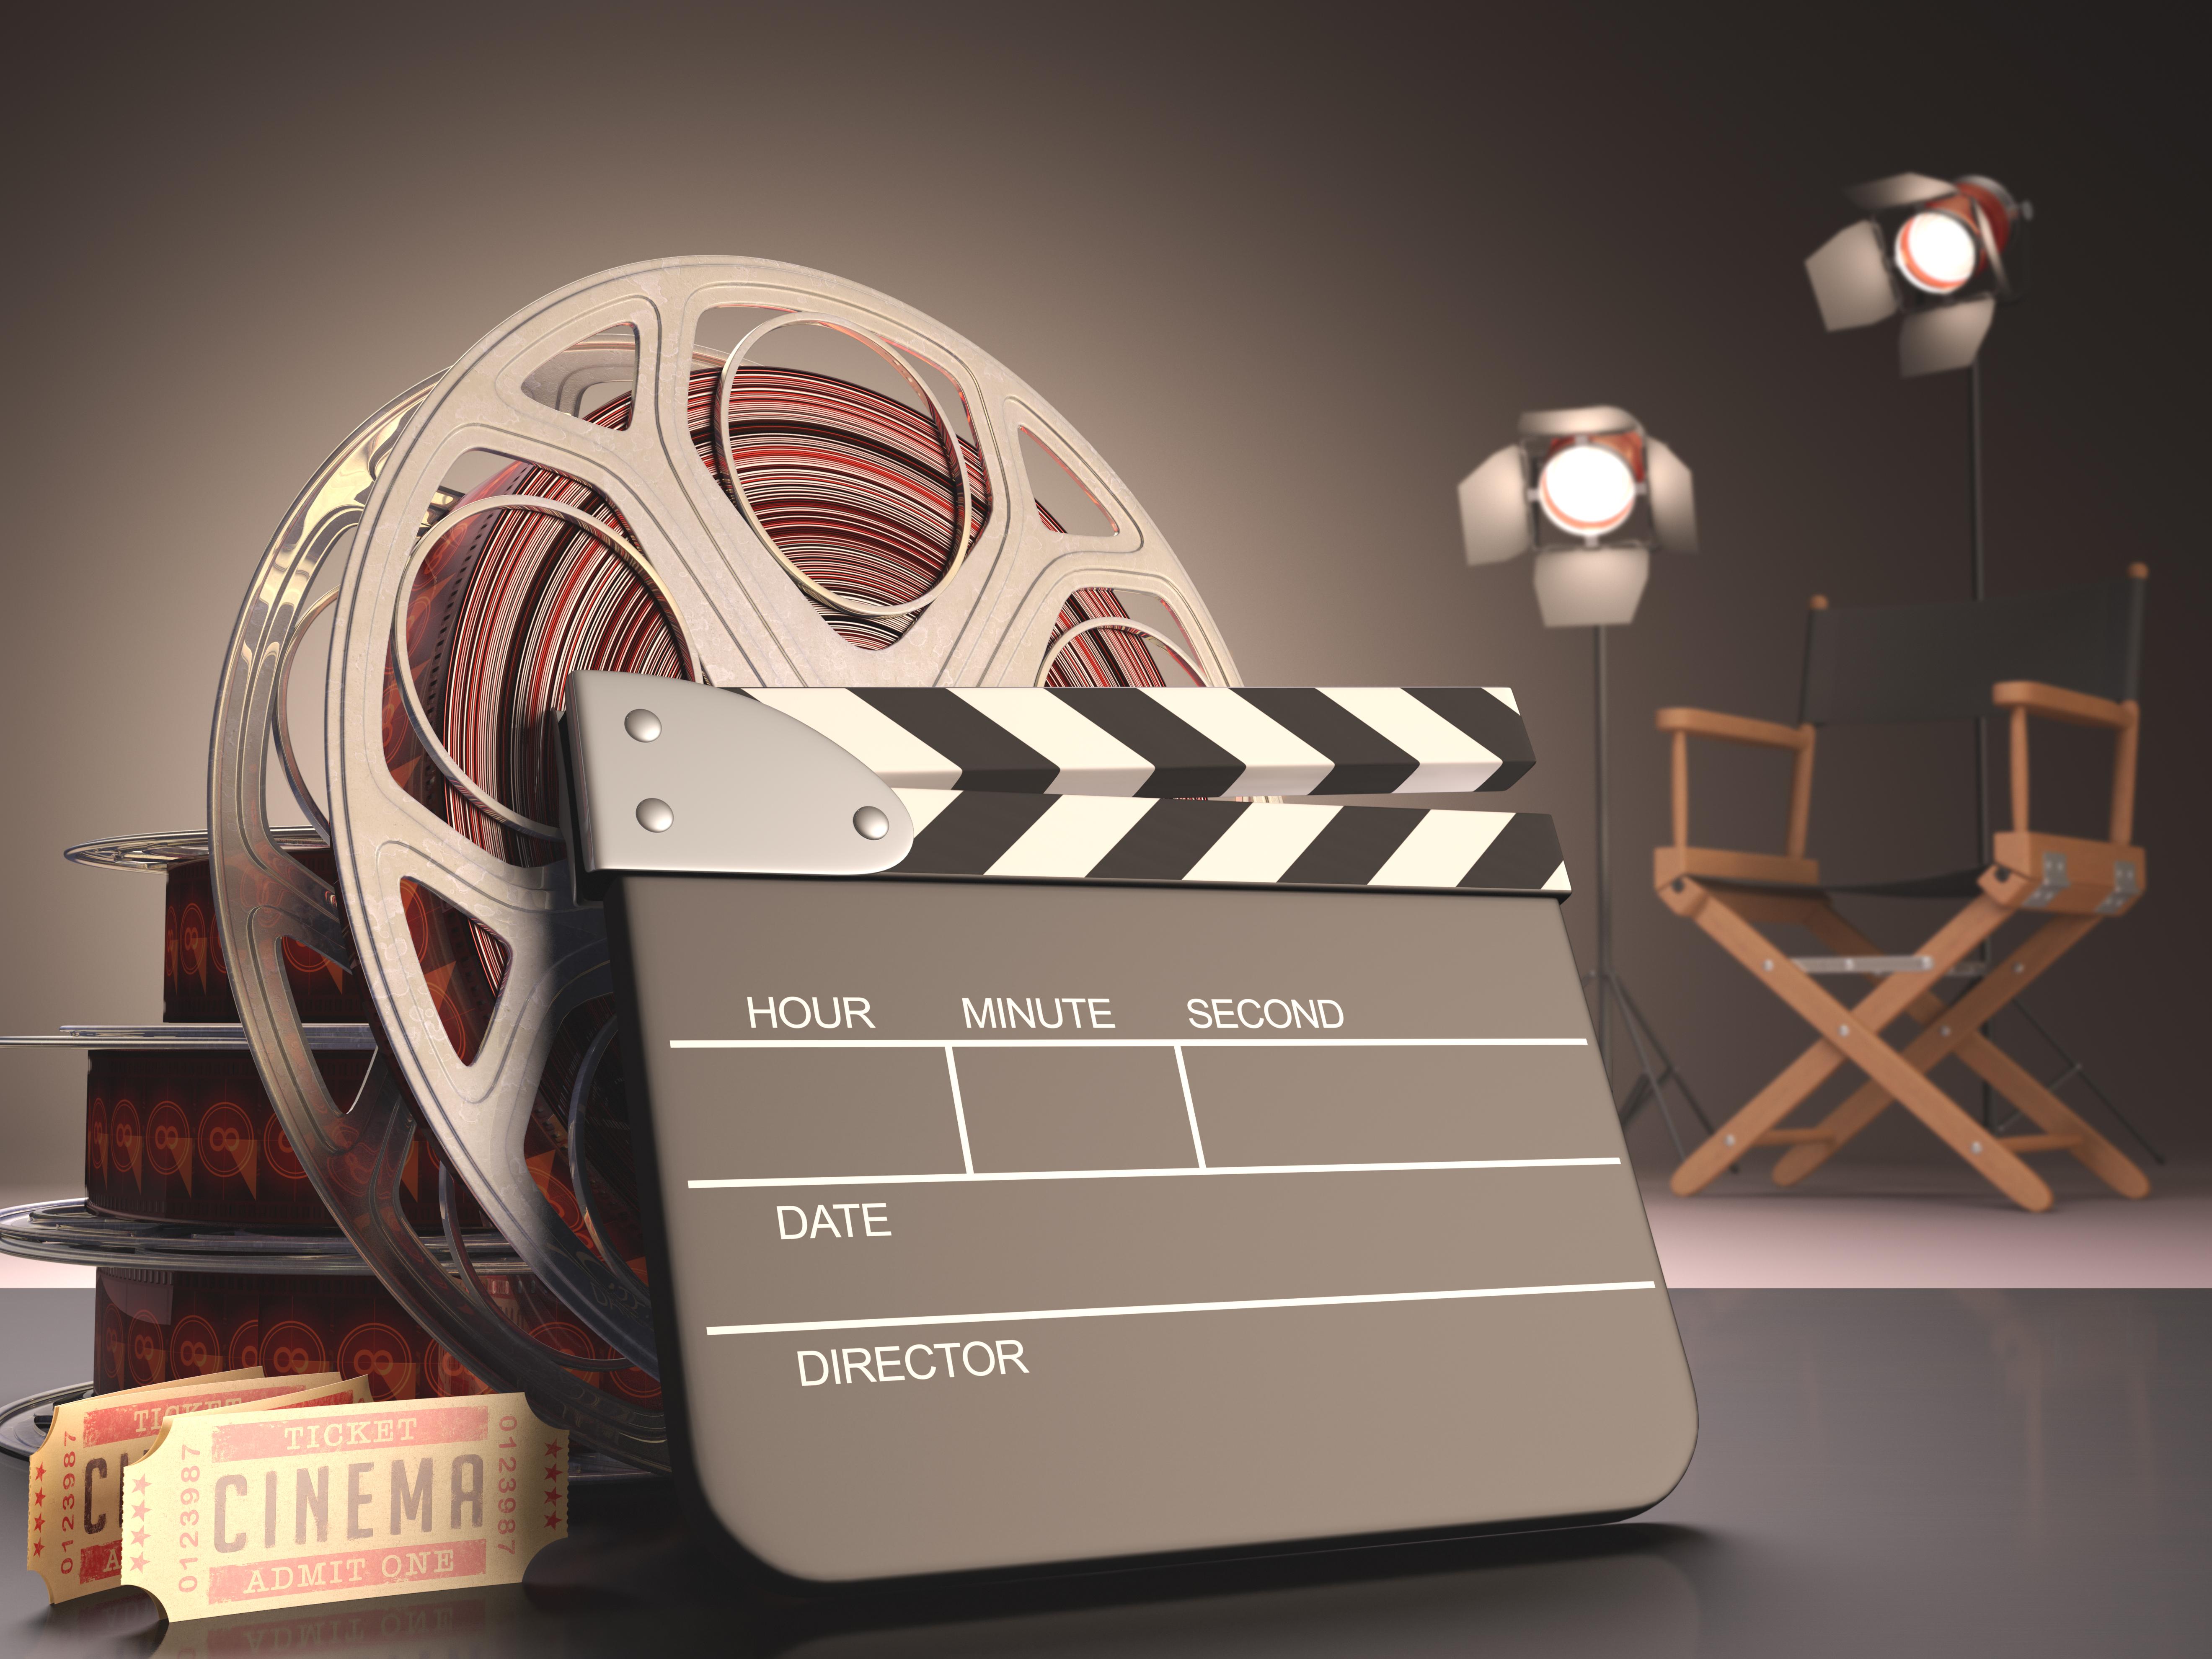 Başarılı Bir Reklam Filmi Hazırlanırken Dikkat Edilmesi Gerekenler Nelerdir?